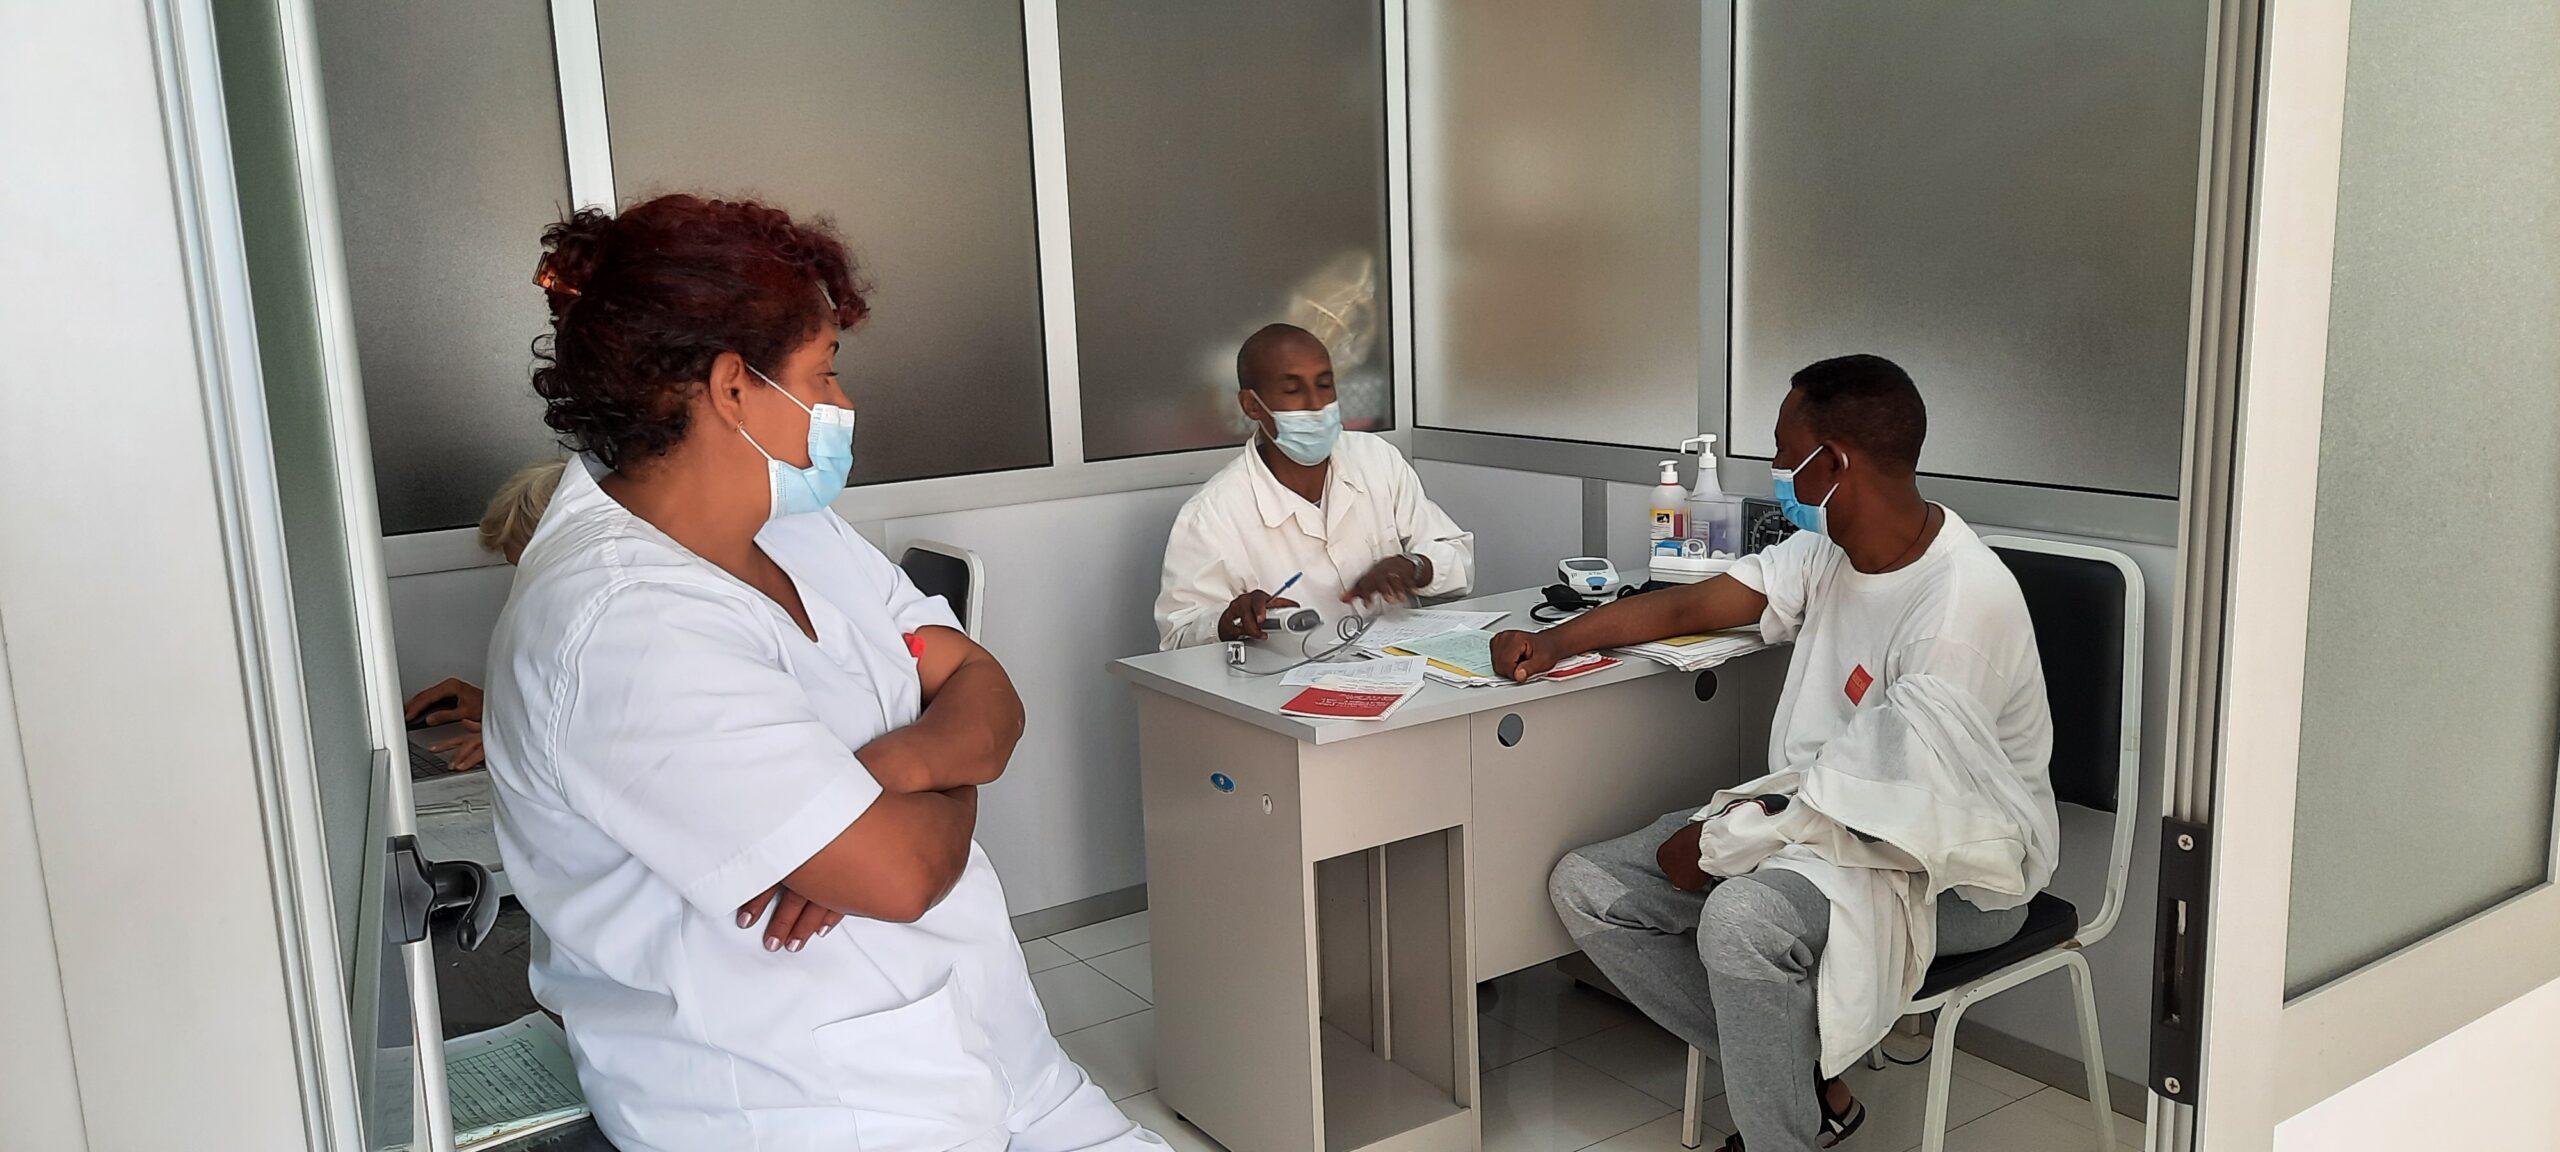 Orotta Hospital